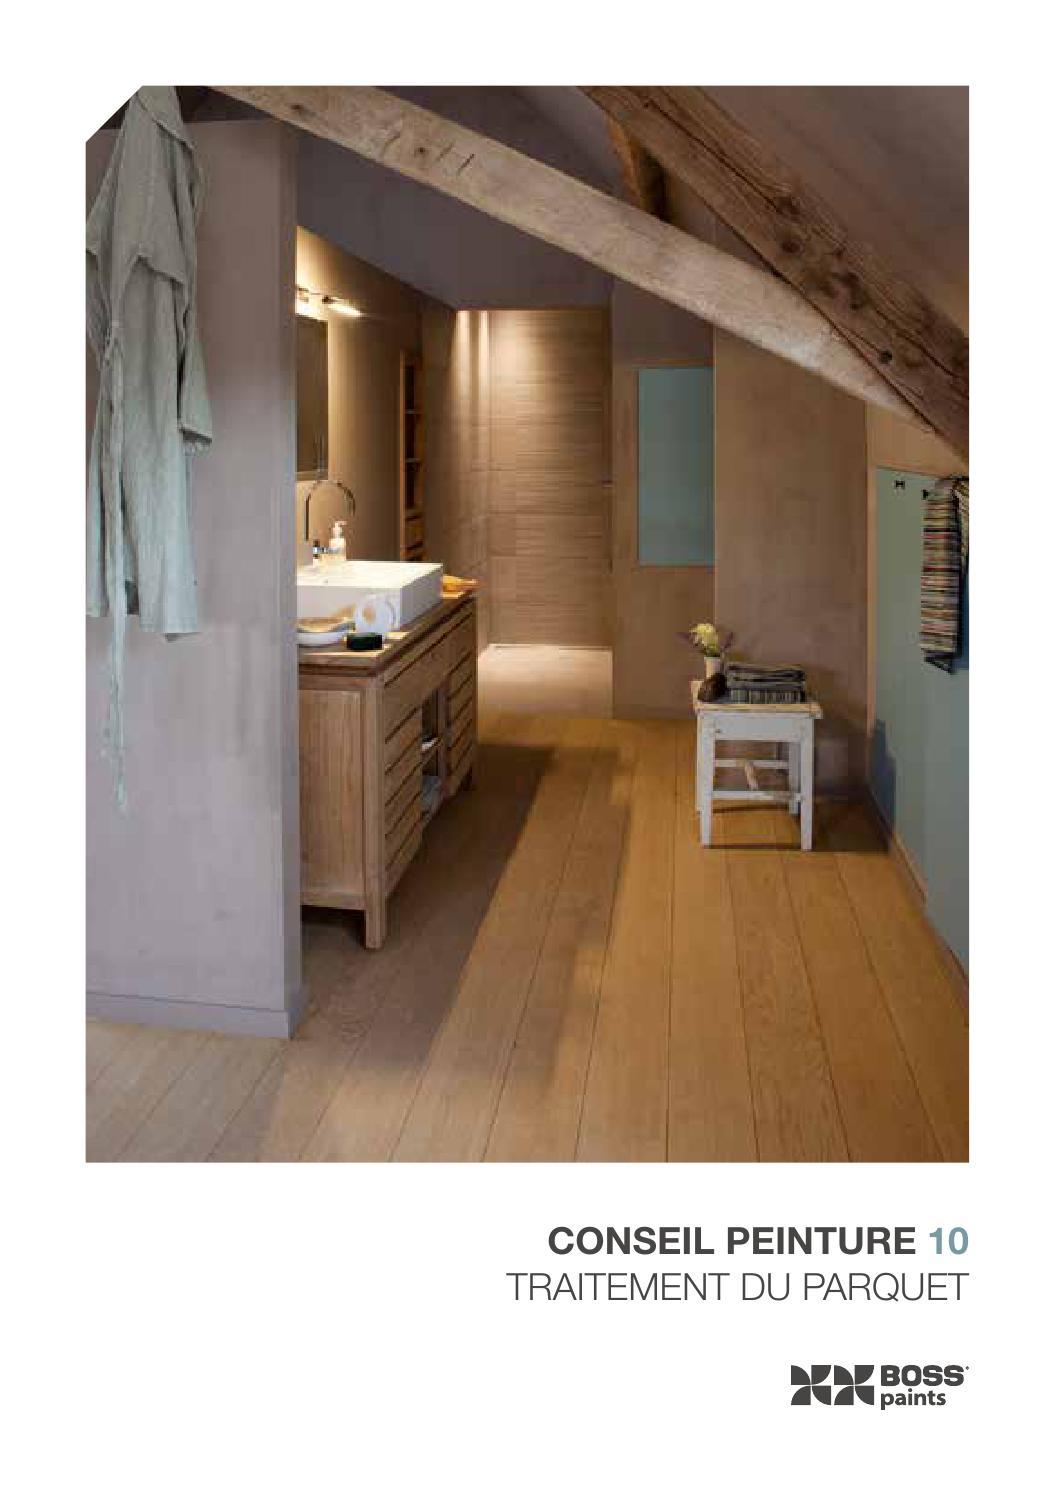 conseil peinture 10 traitement du parquet by colora de verfwinkel issuu. Black Bedroom Furniture Sets. Home Design Ideas